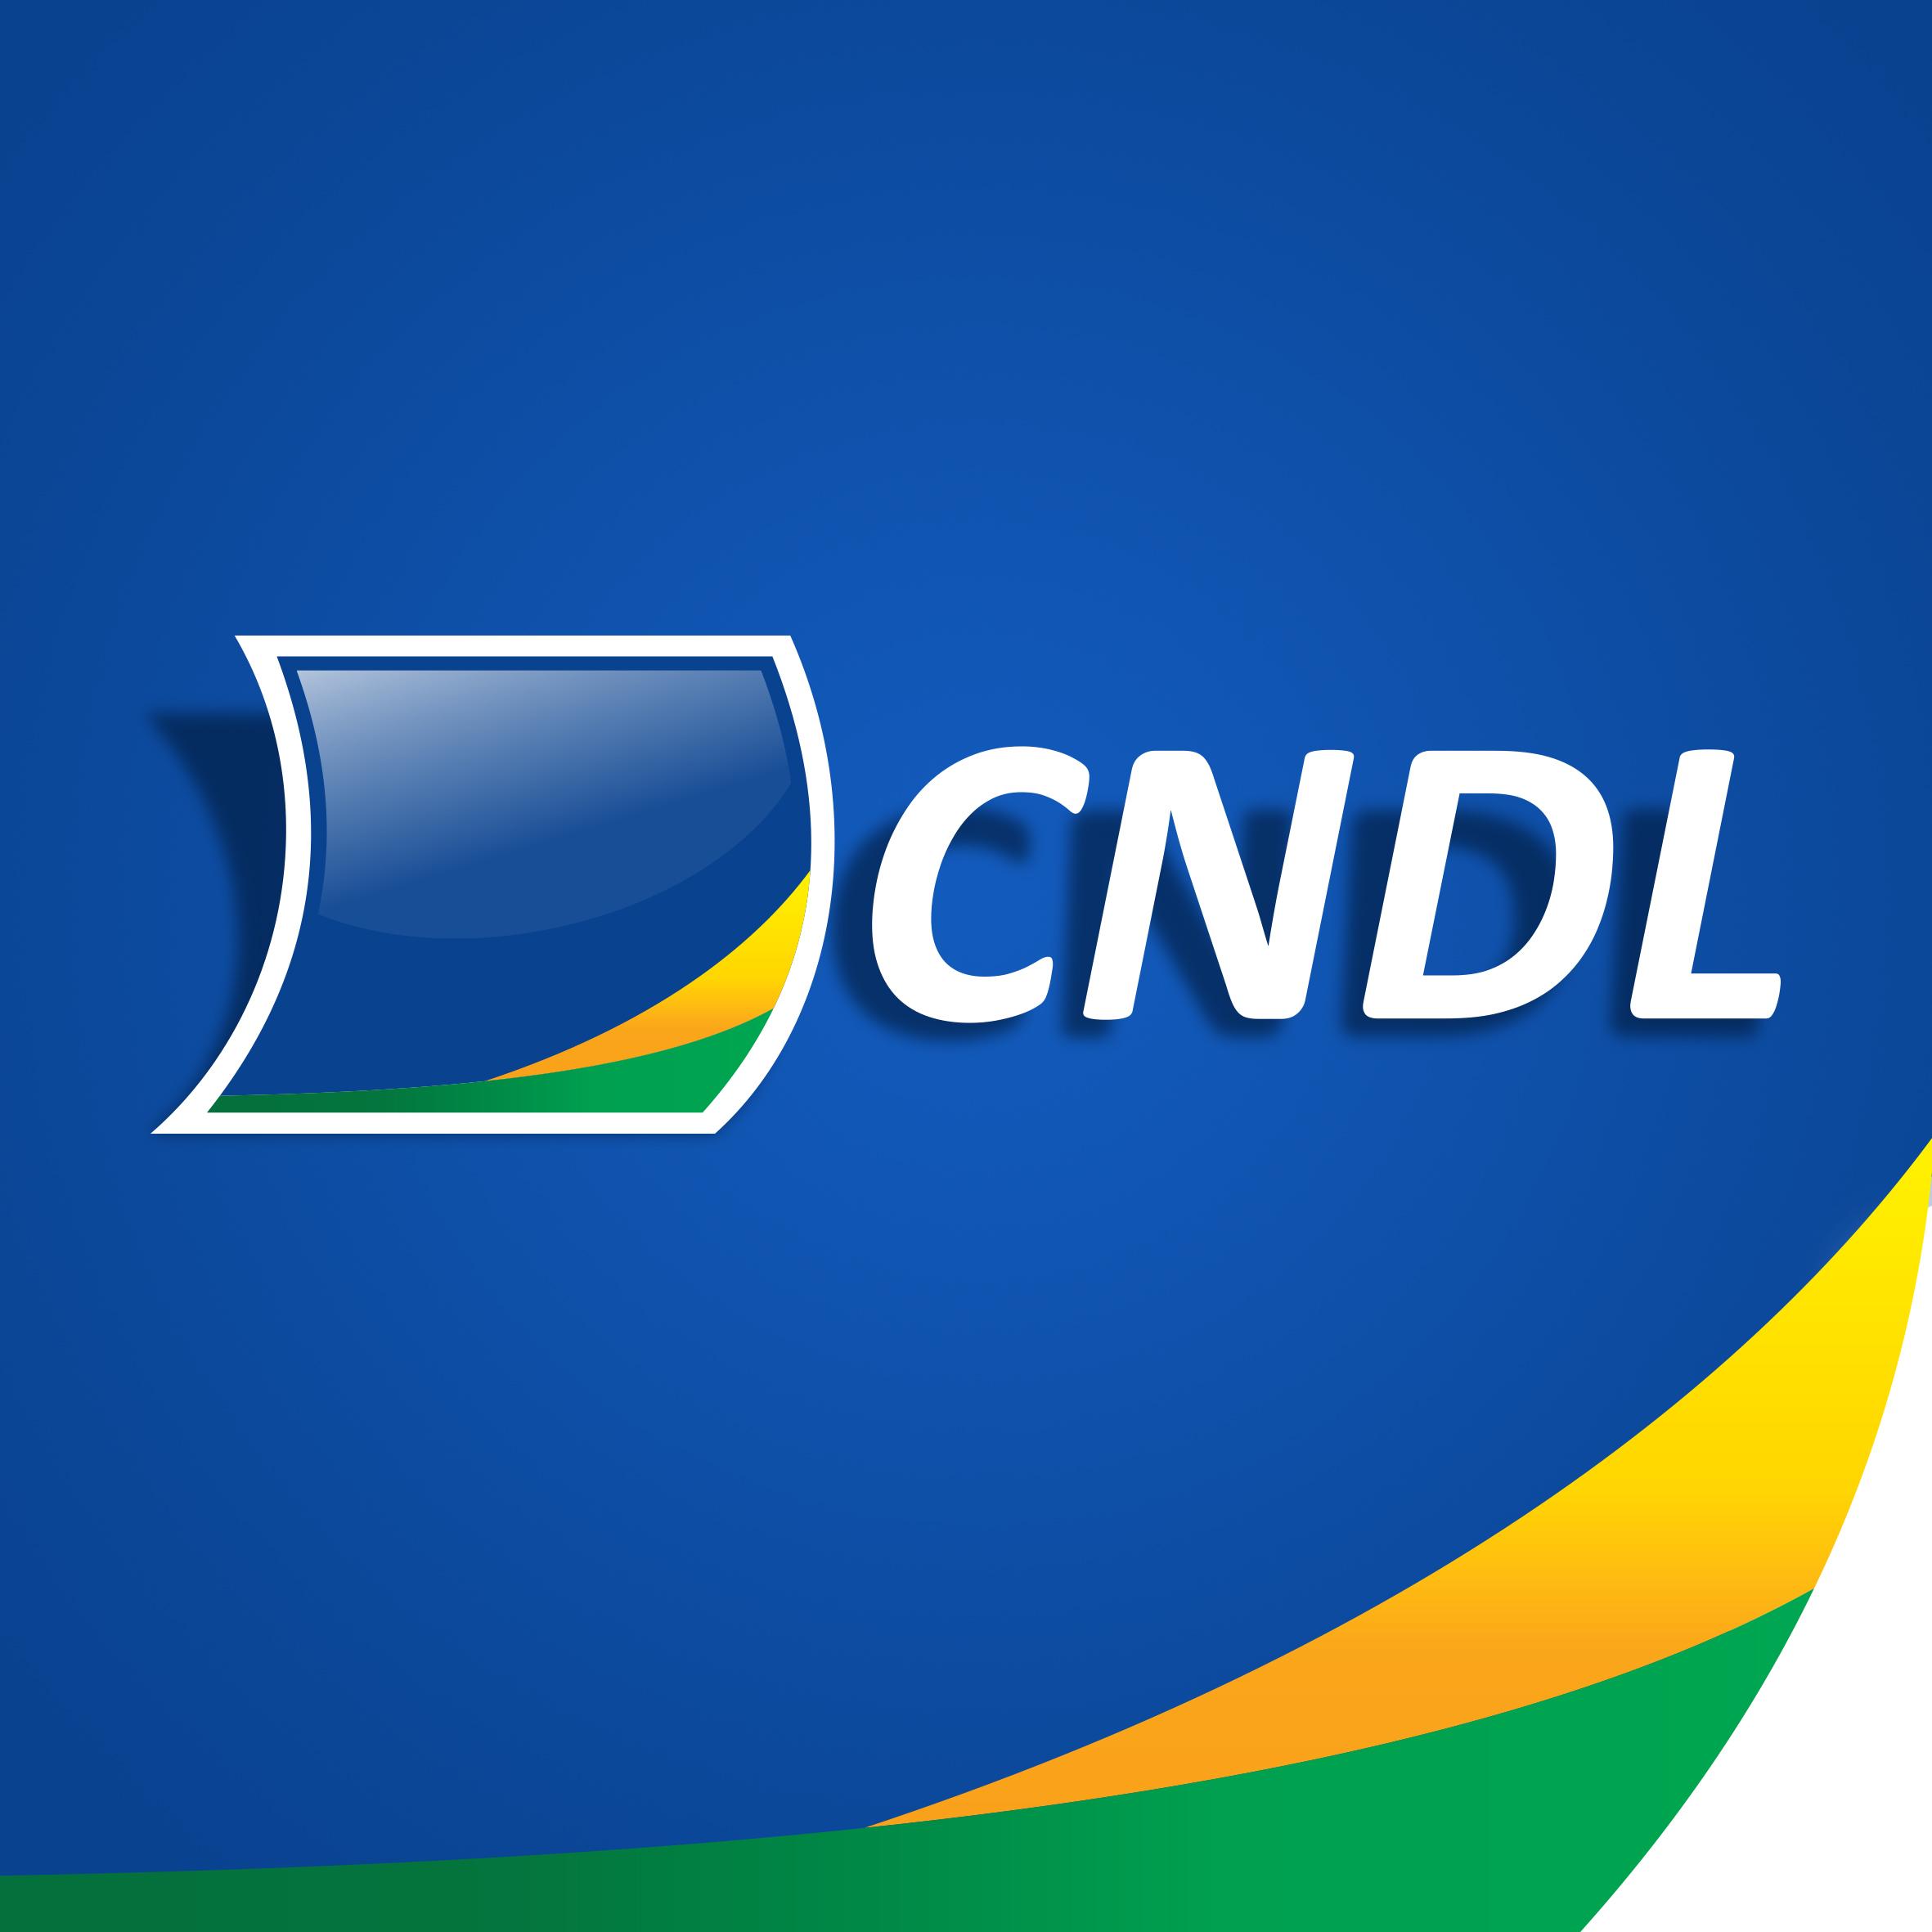 Confederação Nacional de Dirigentes Lojistas